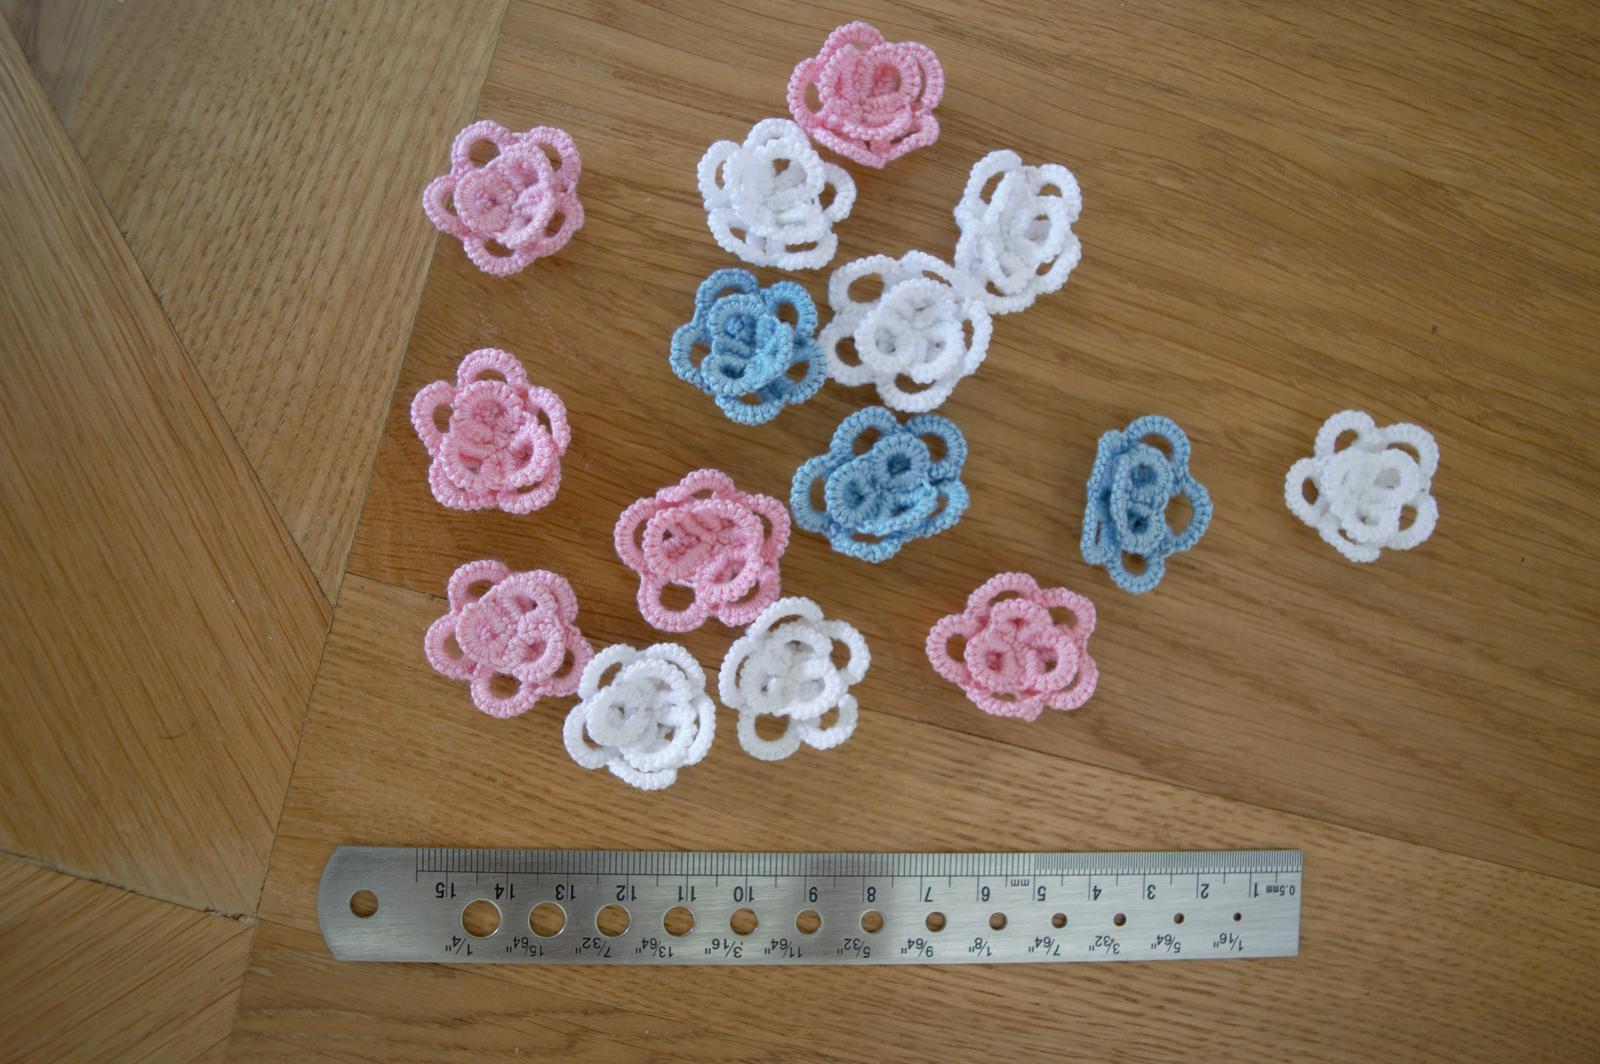 modré, růžové a bílé háčkované kytičky  - Obrázek č. 3